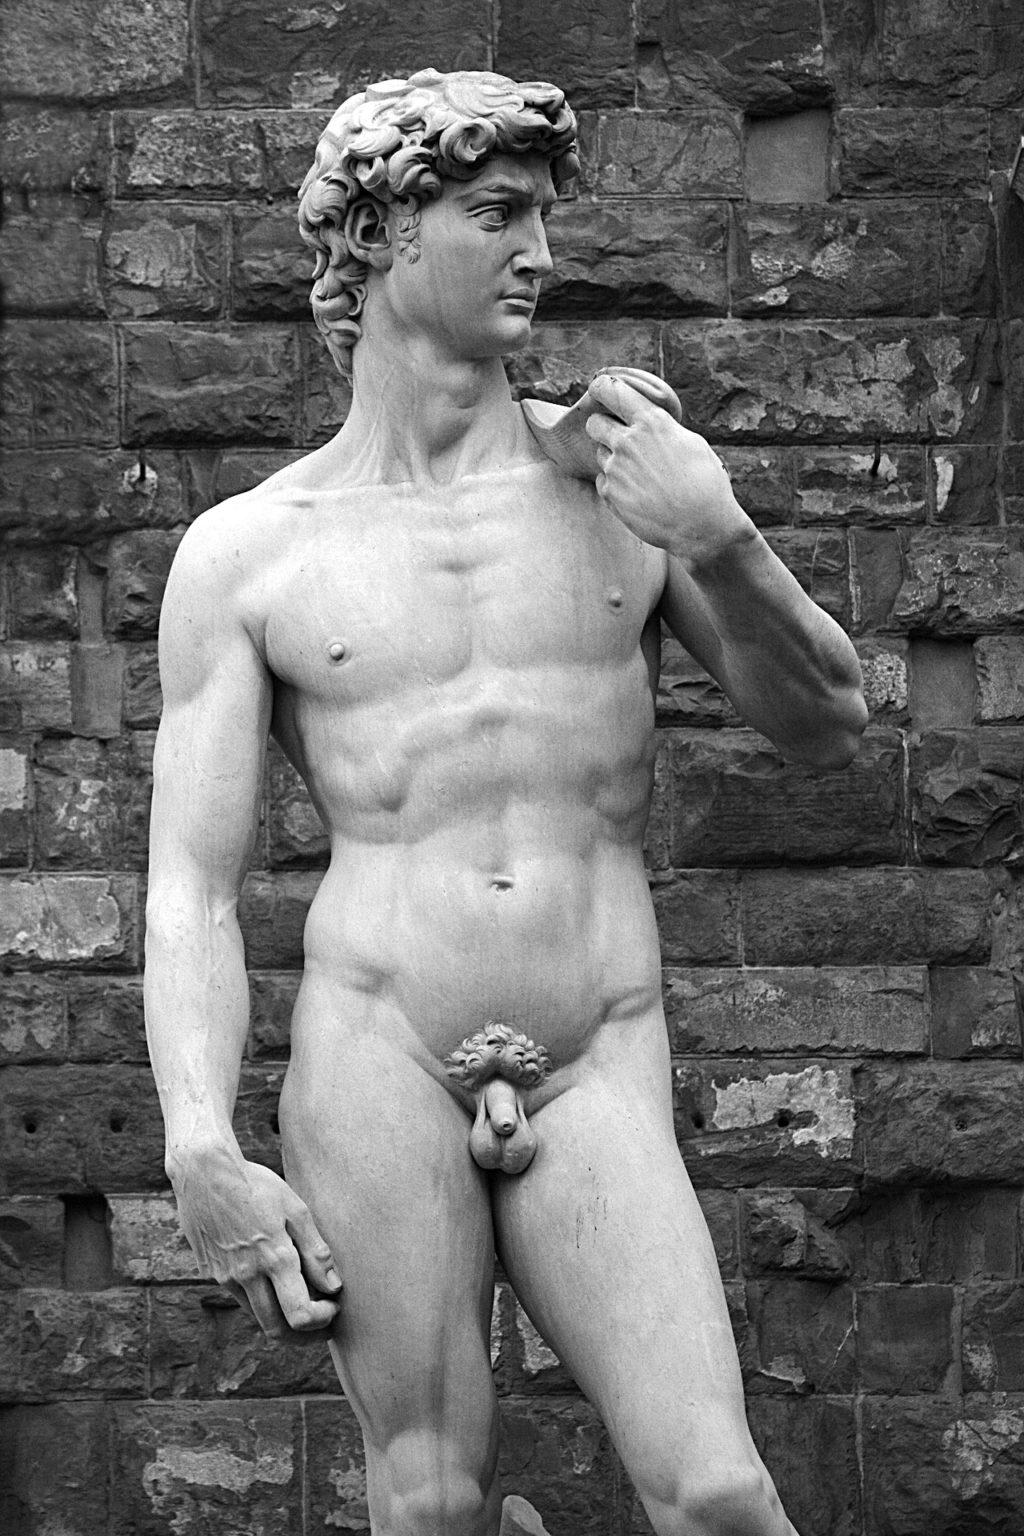 The statue of David at the Piazza della Signoria